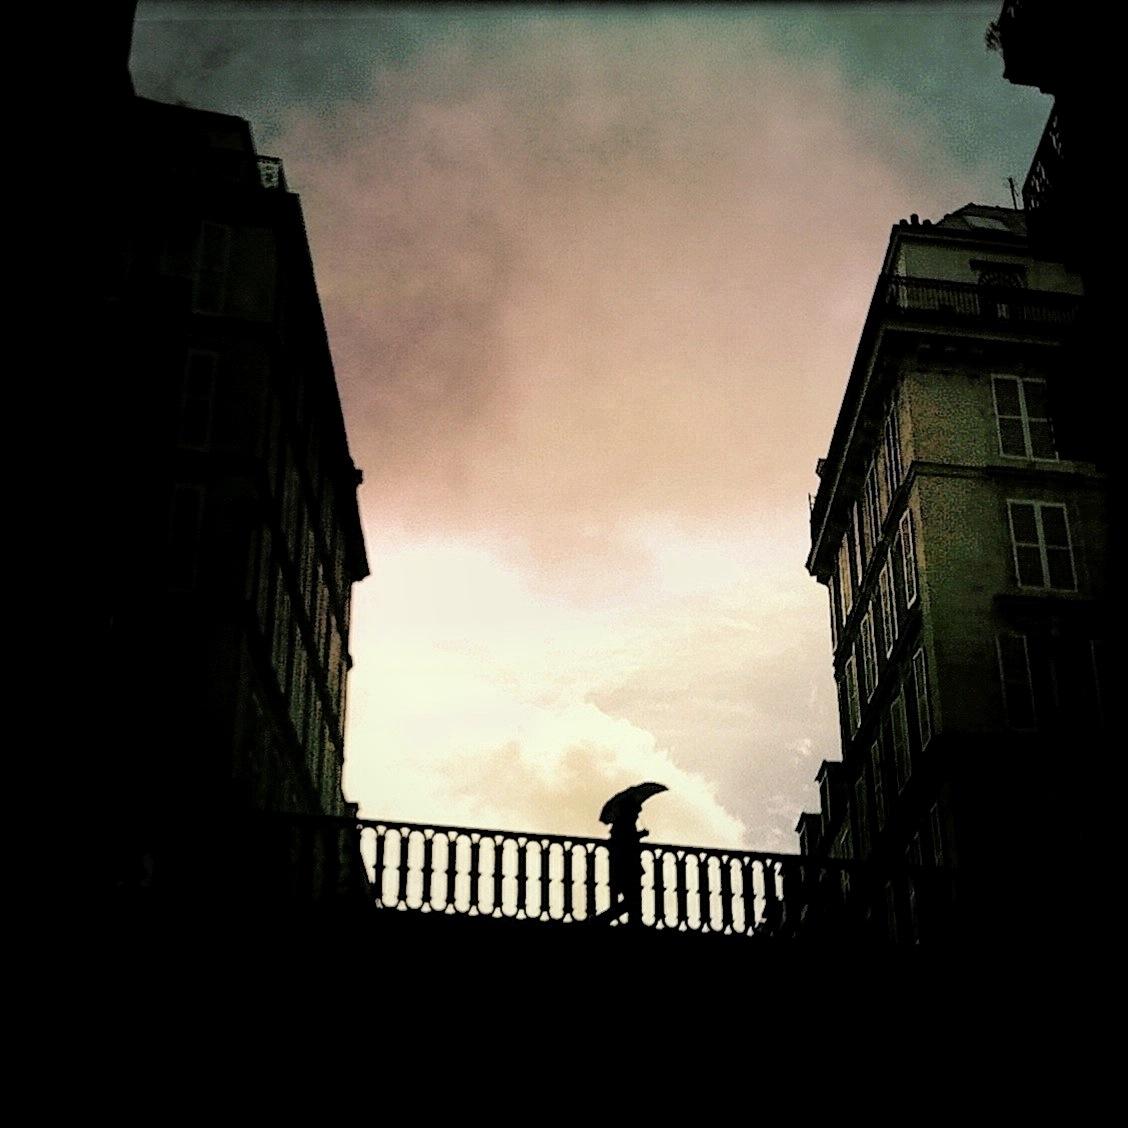 Un jour de soleil et de pluie